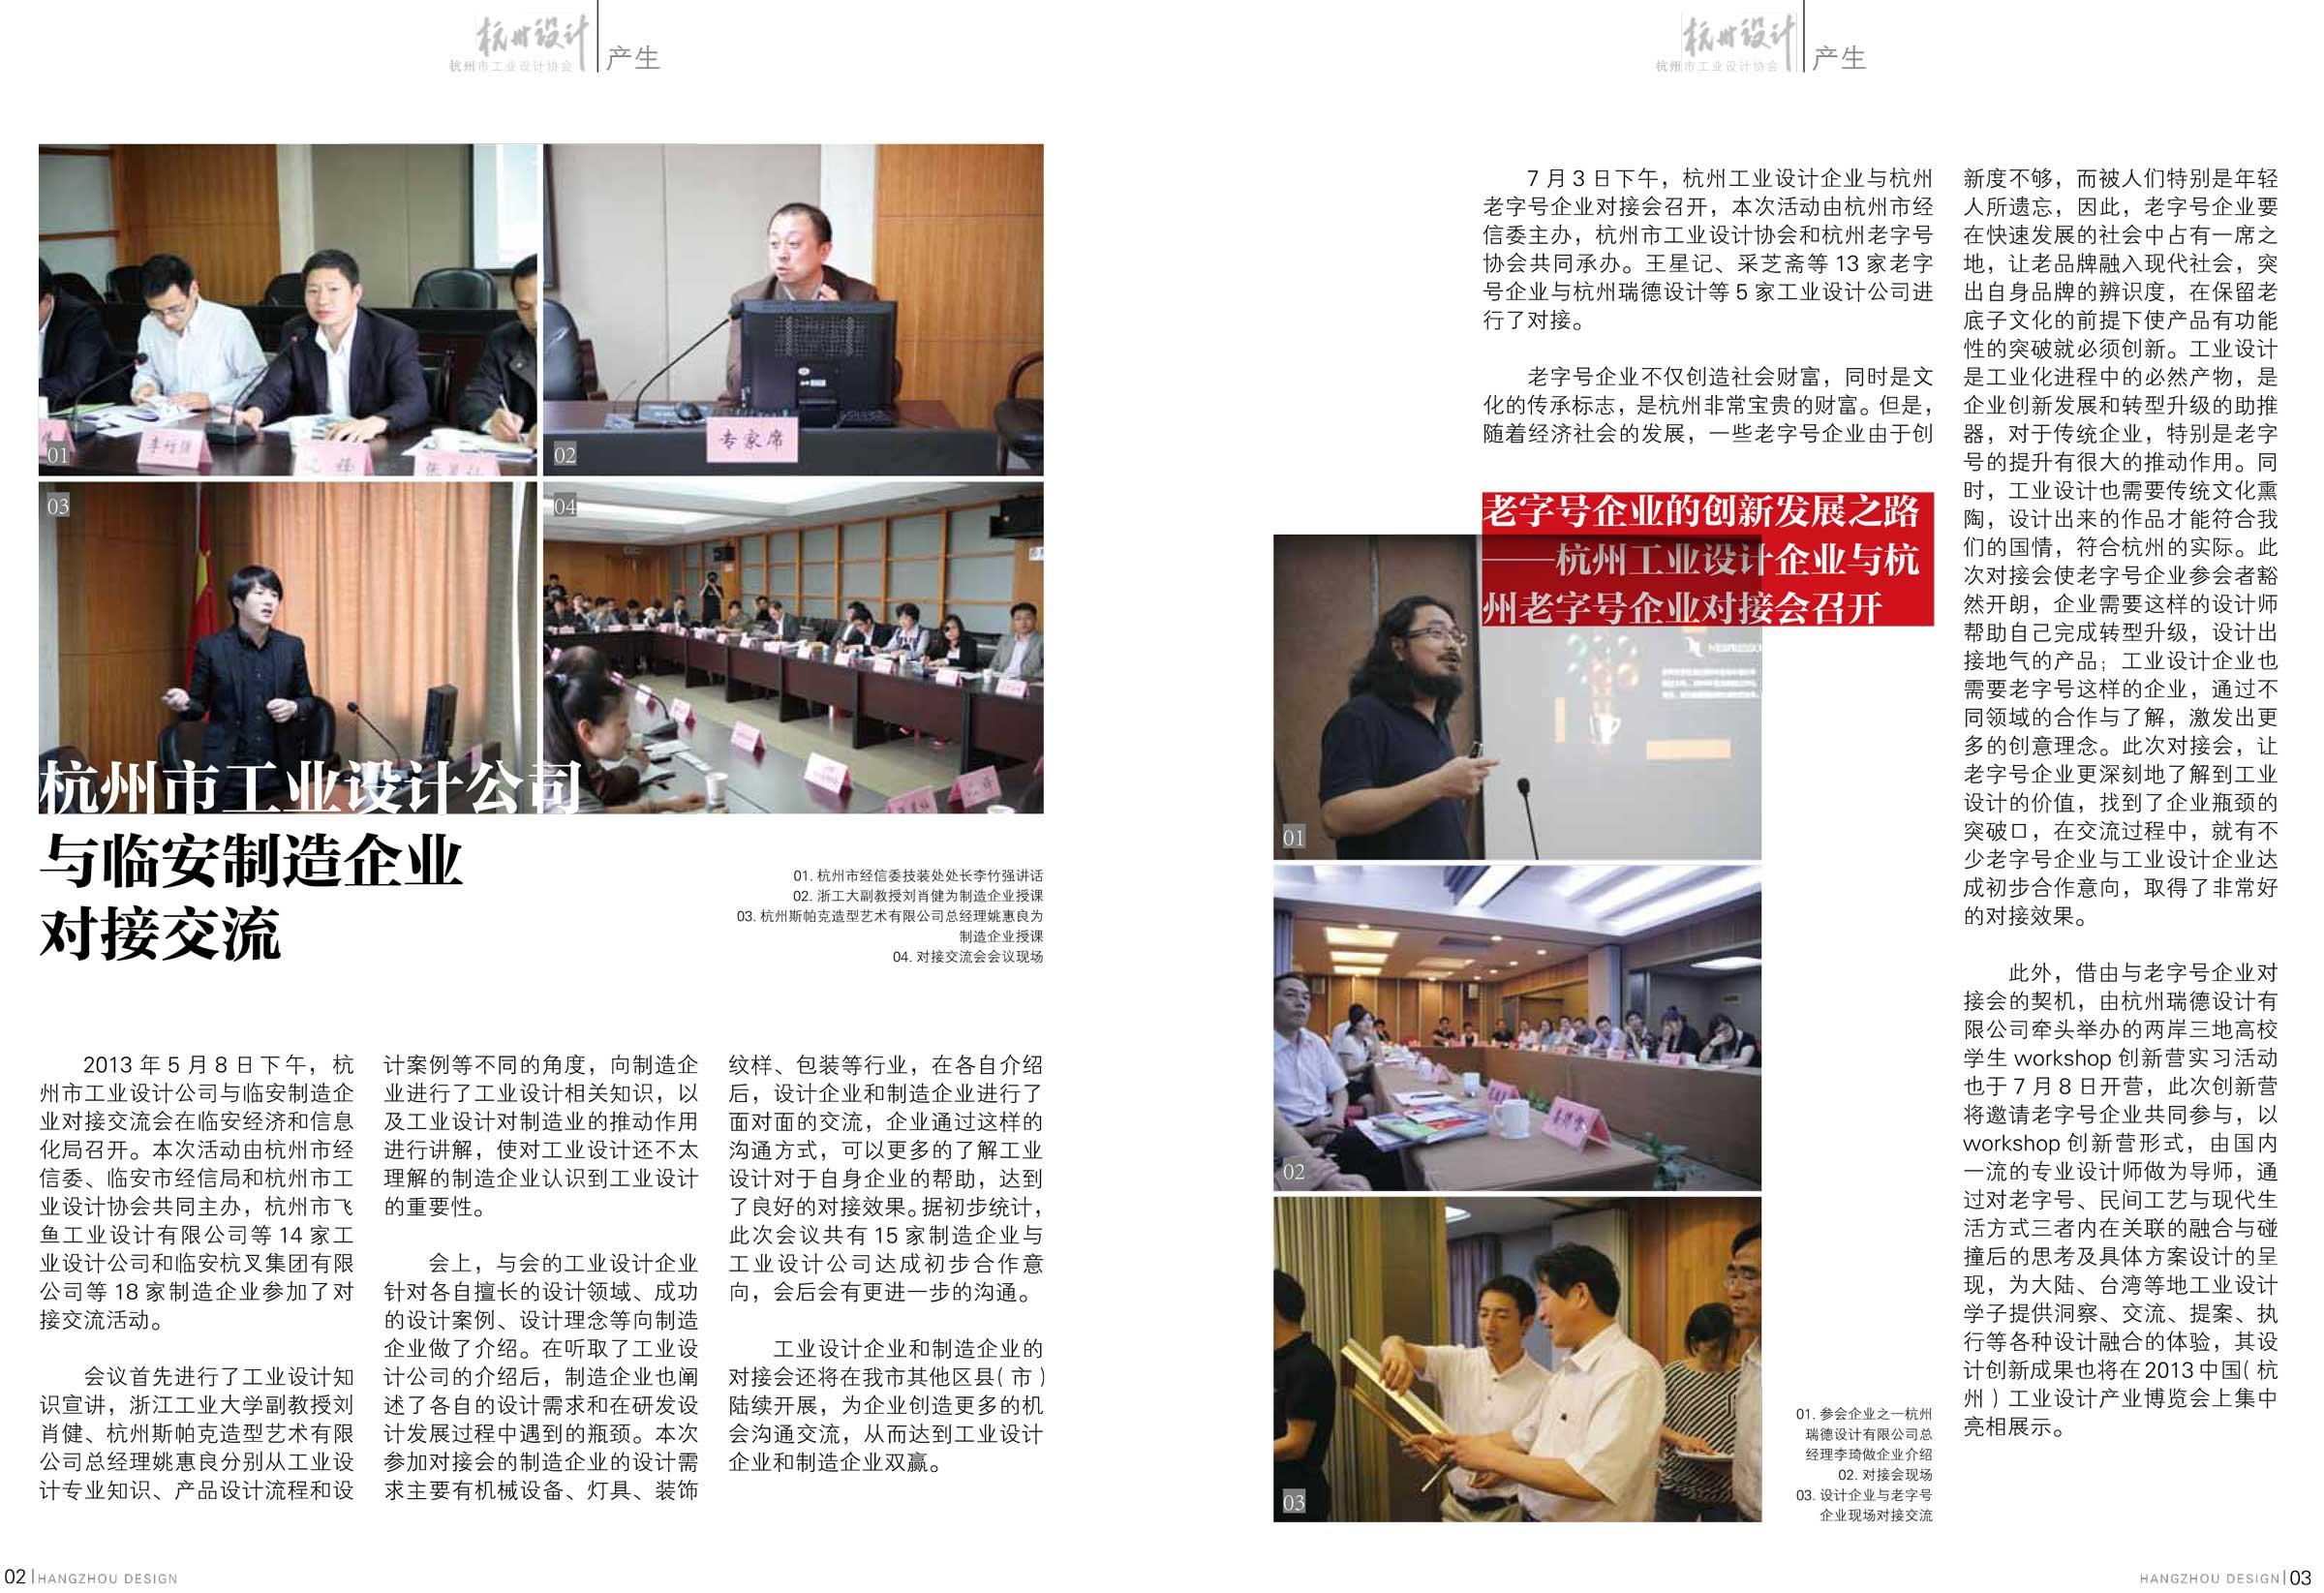 会刊,画册内页,杂志,云尚广告_设计分享